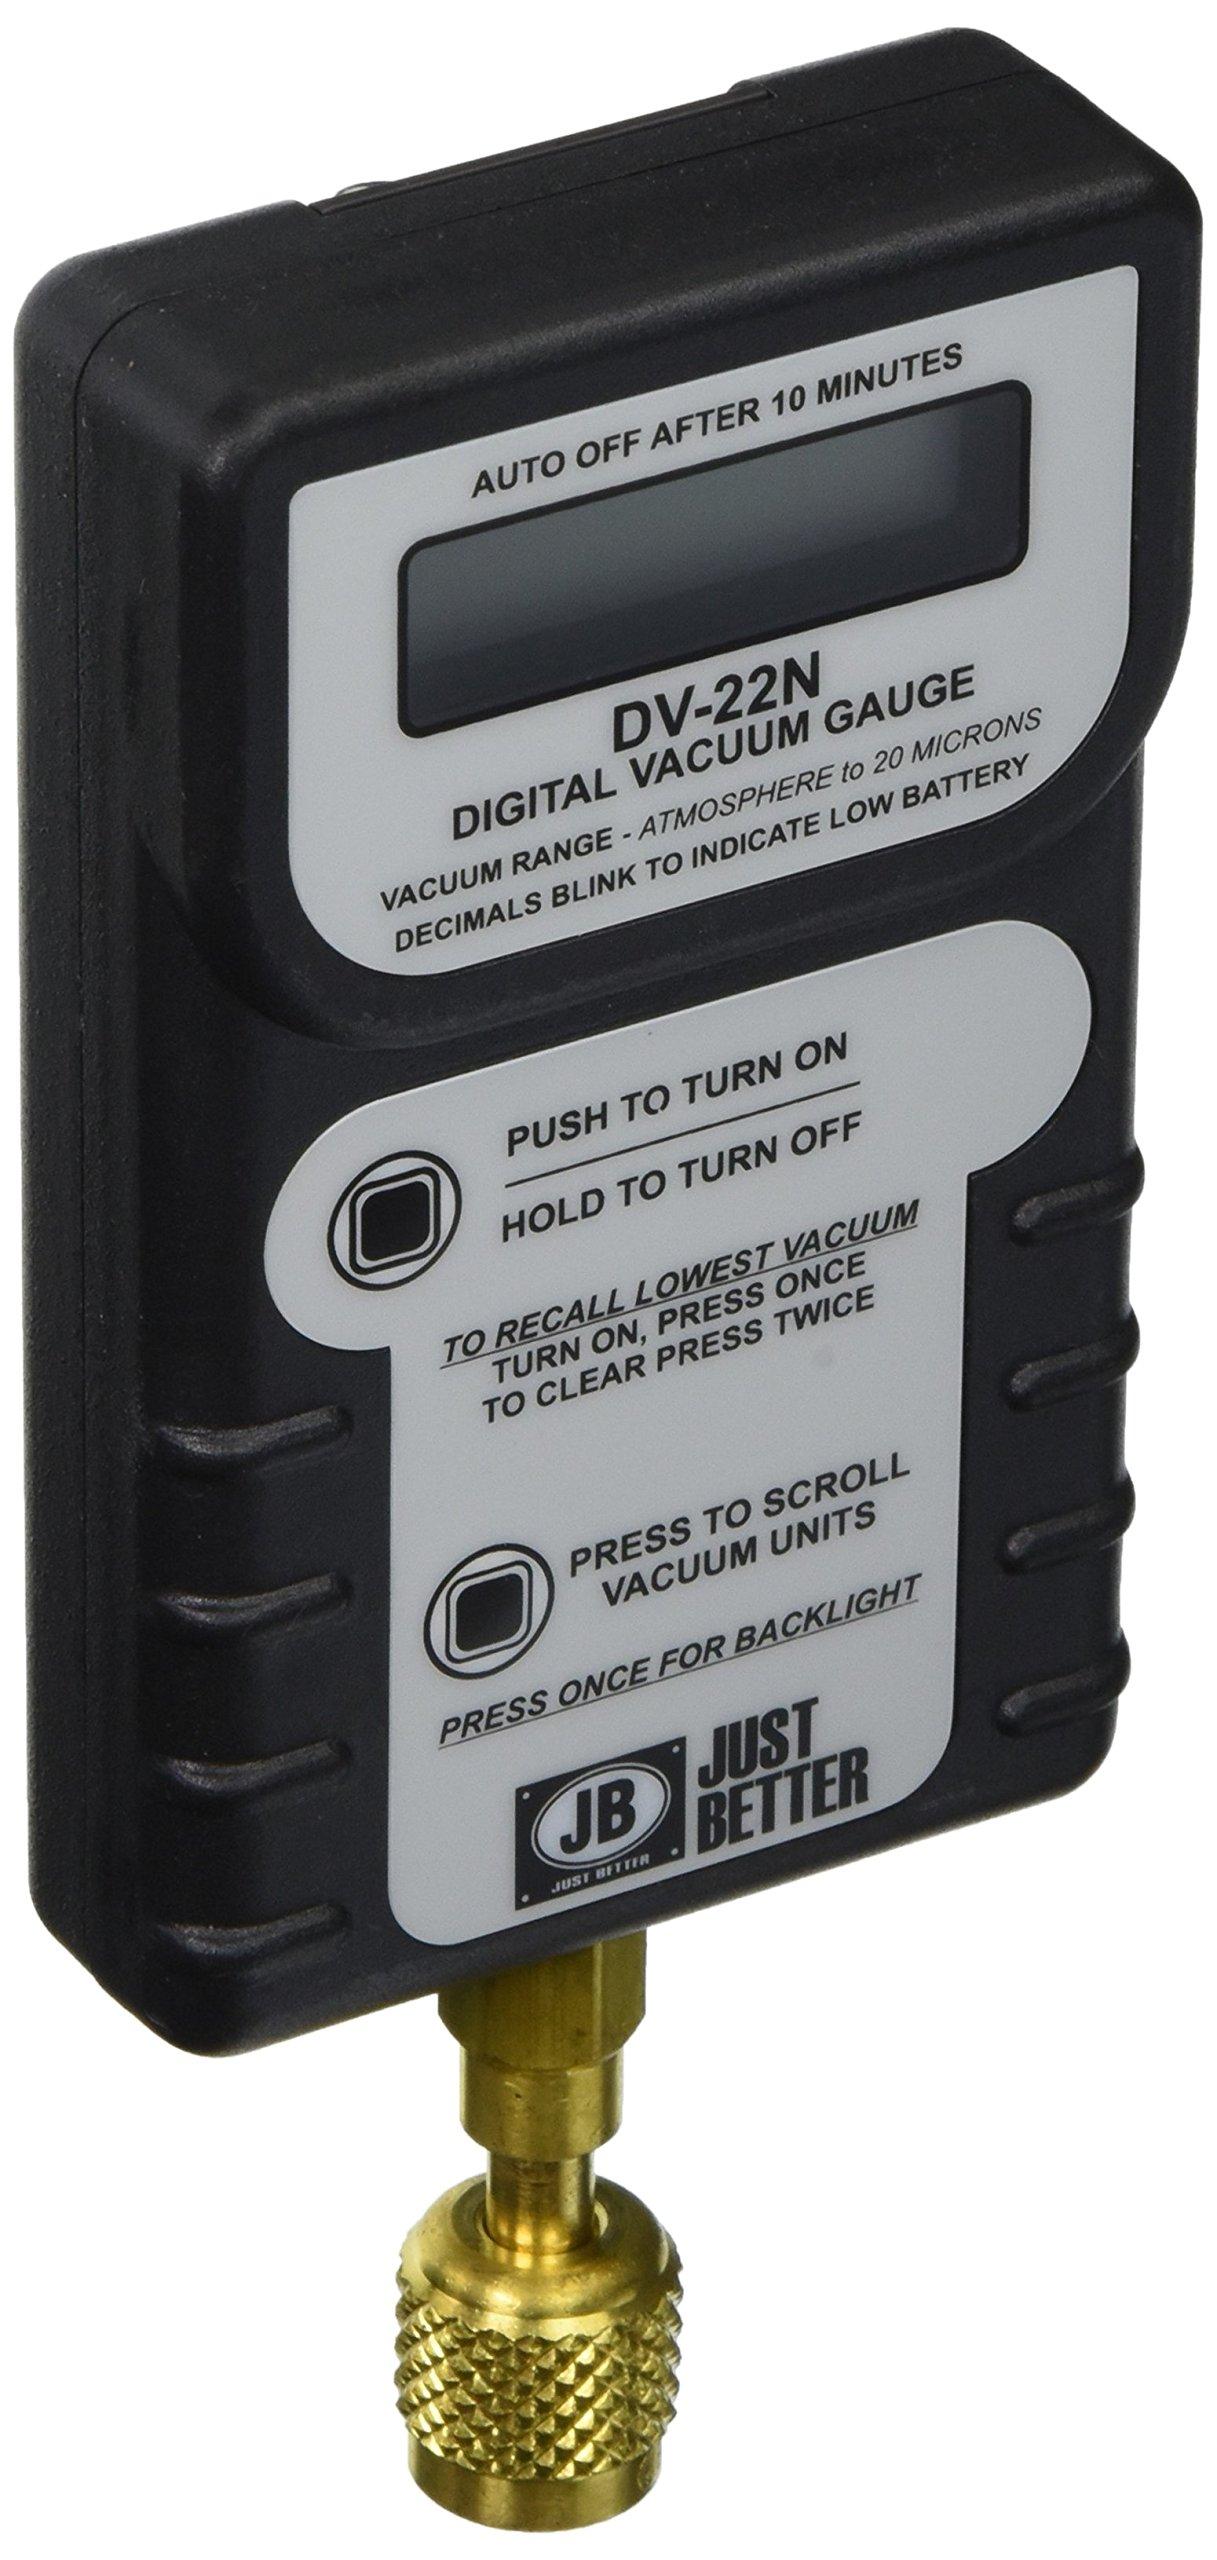 Jb Industries DV-22N Leak Proof Digital Vacuum Gauge by JB Industries